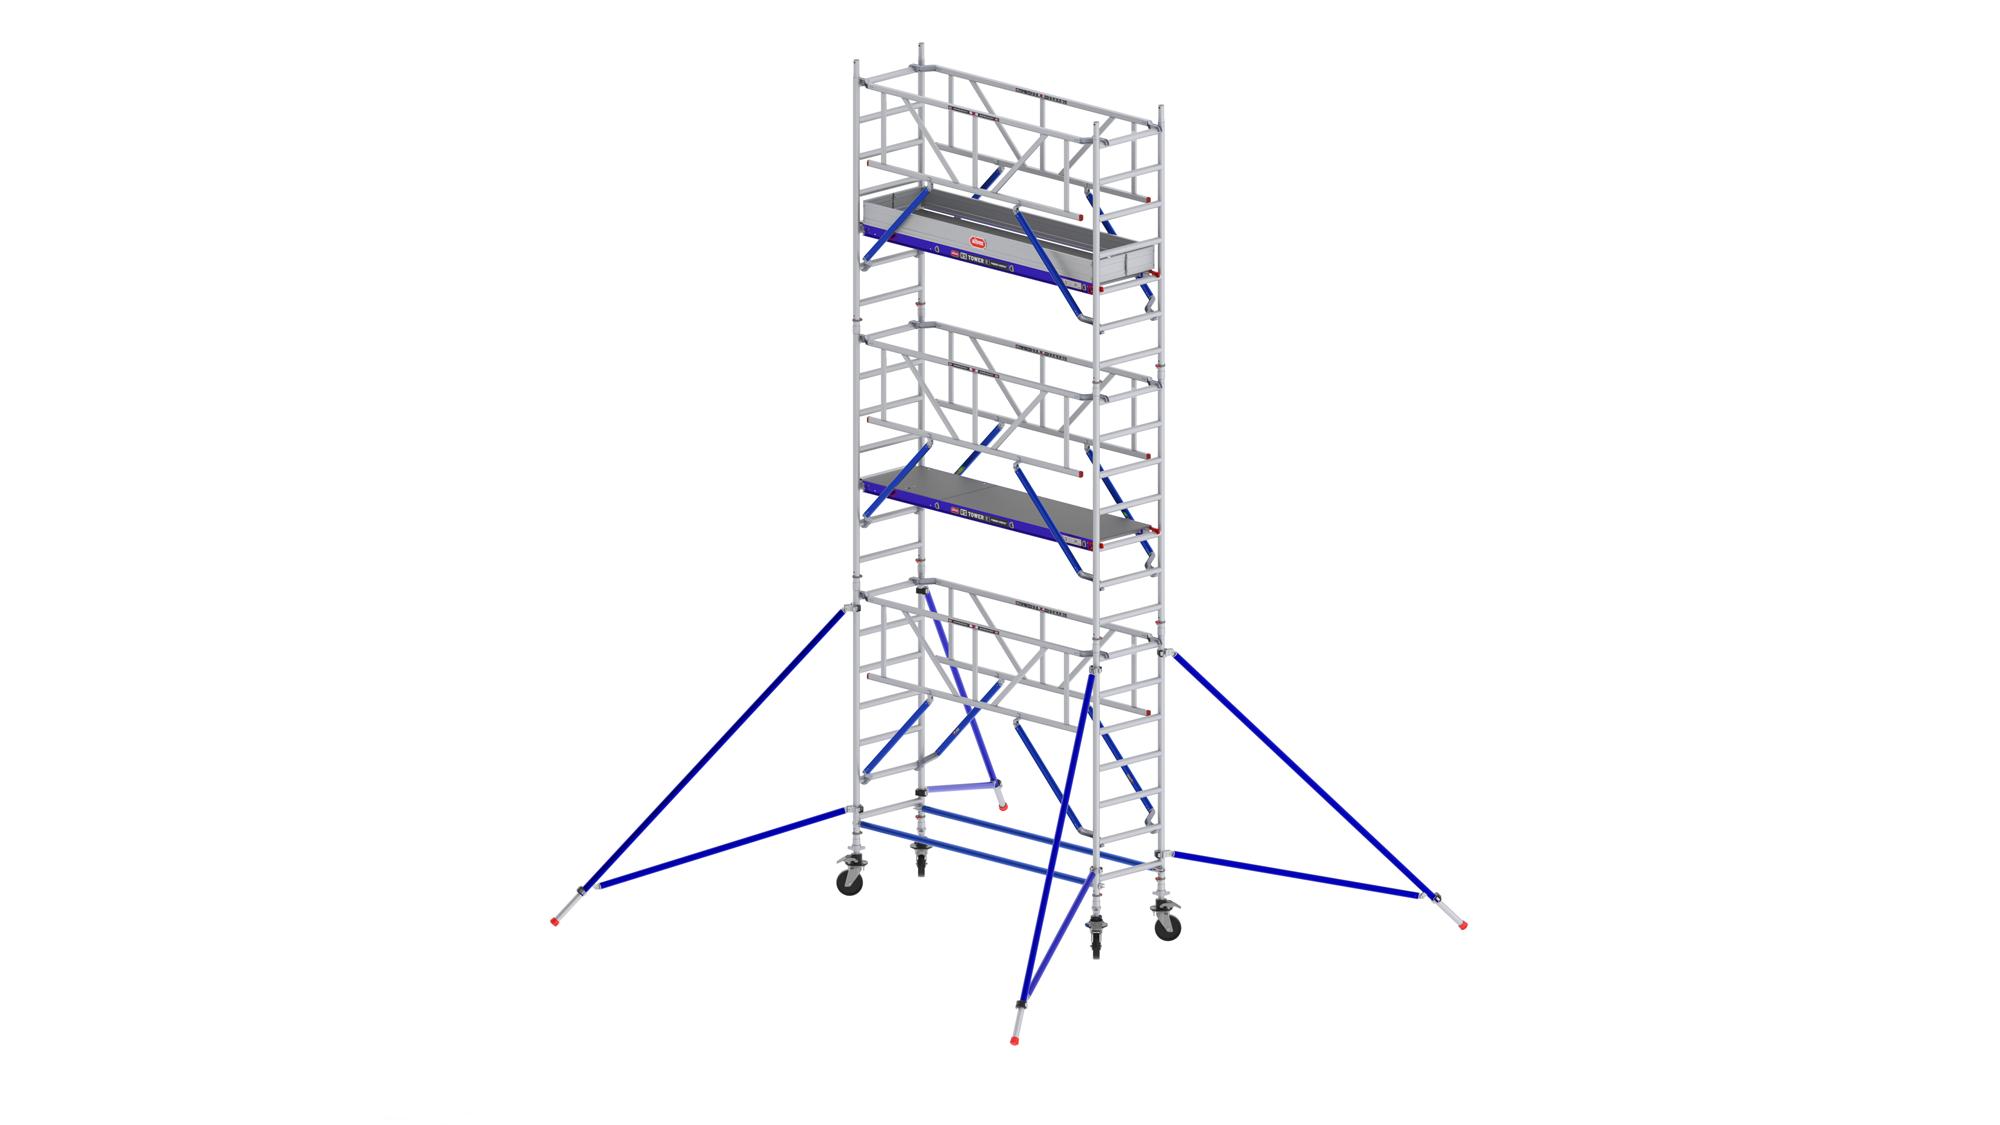 62000019-rolsteiger-smal-vloer-720